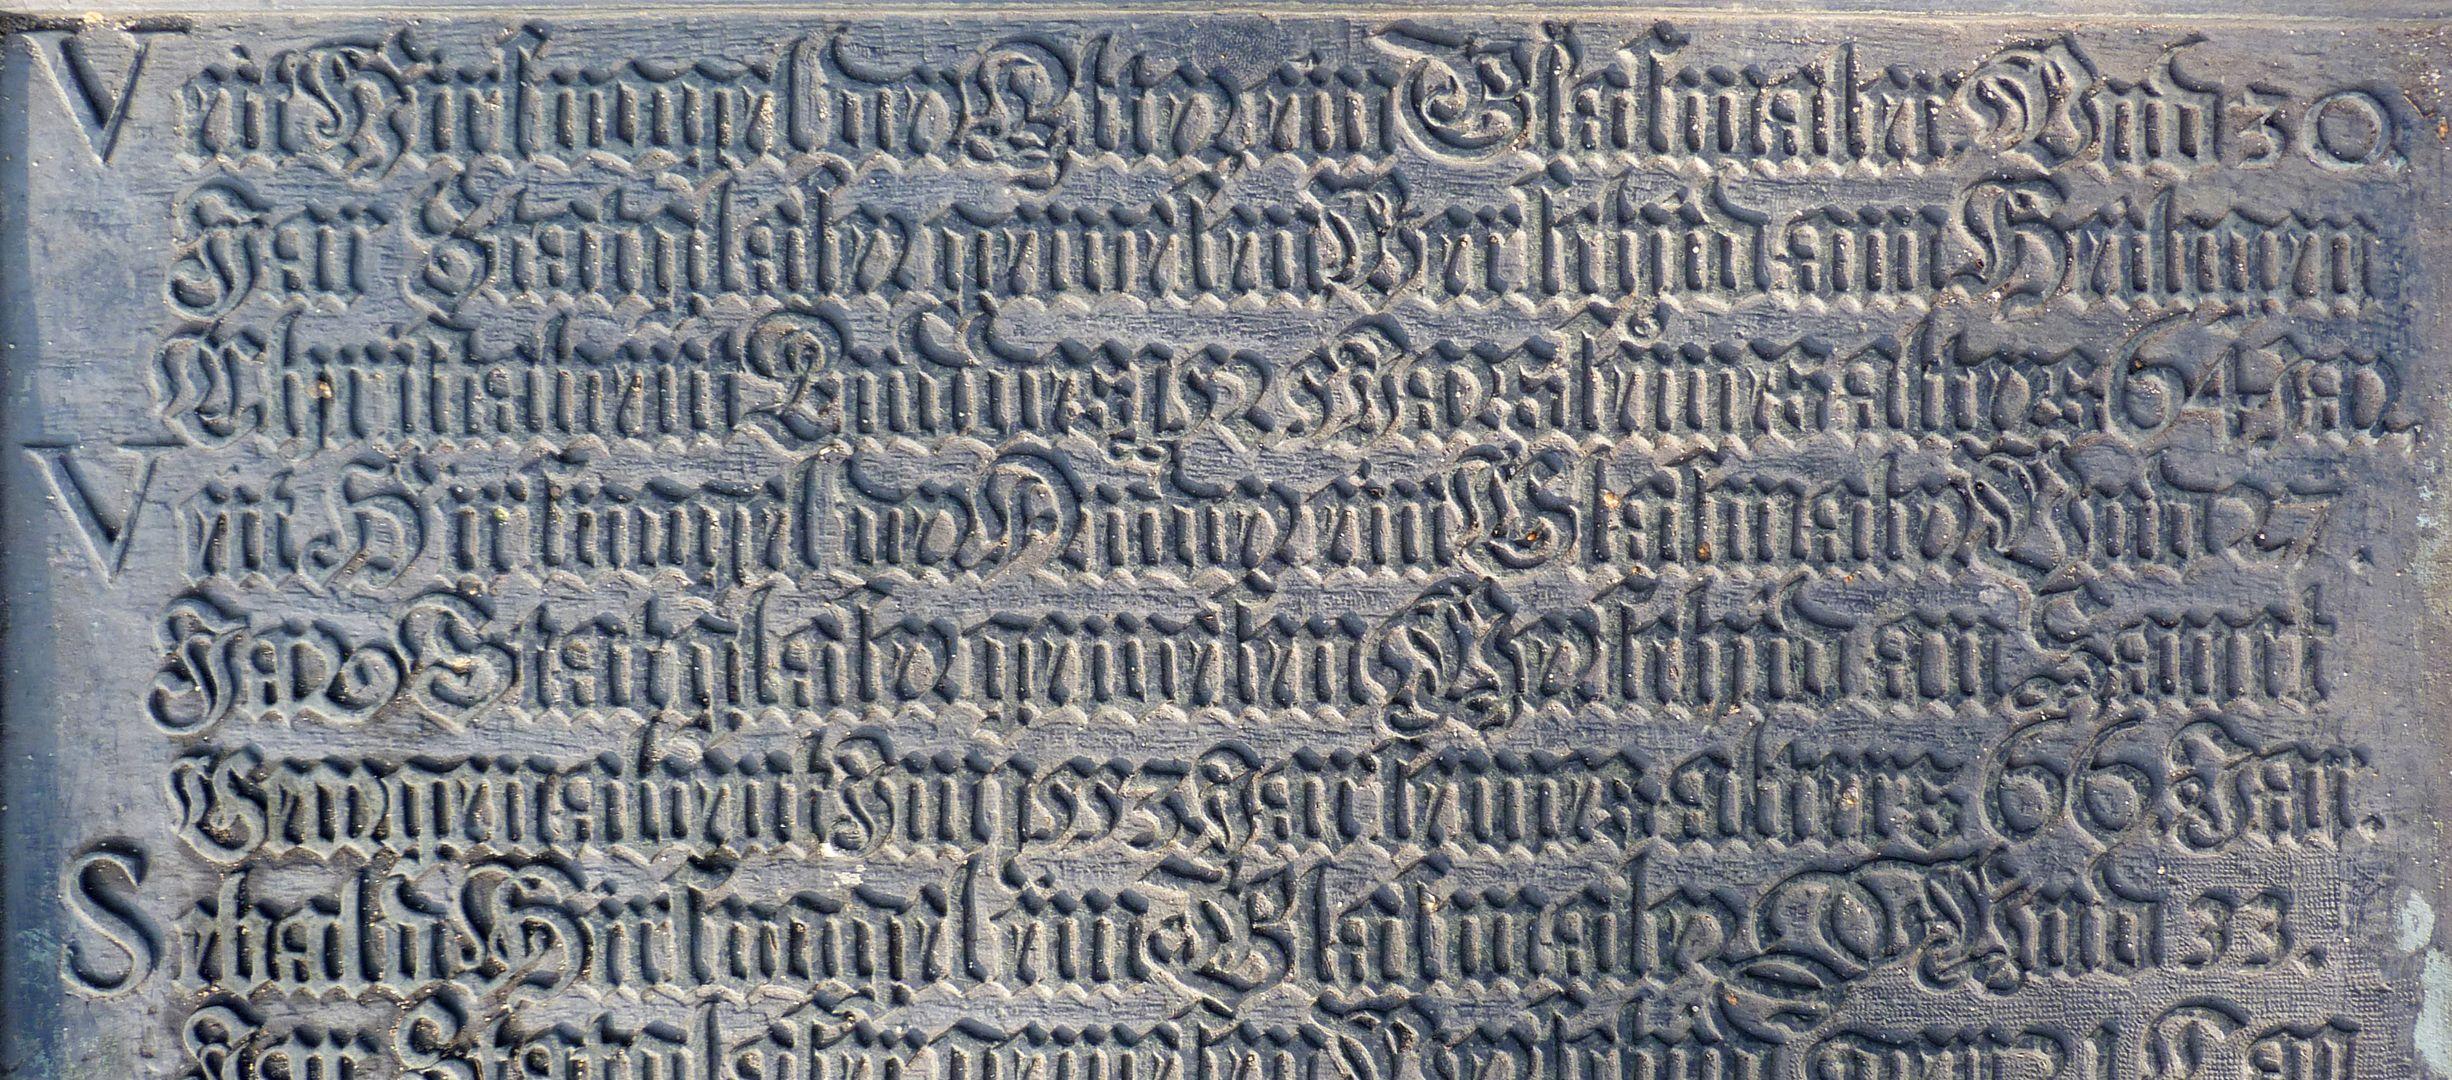 Hirsvogel Epitaph oberer Teil der Tafel mit Eintrag Veit Hirsvogel d.Ä. und Veit Hirsvogel d.J.